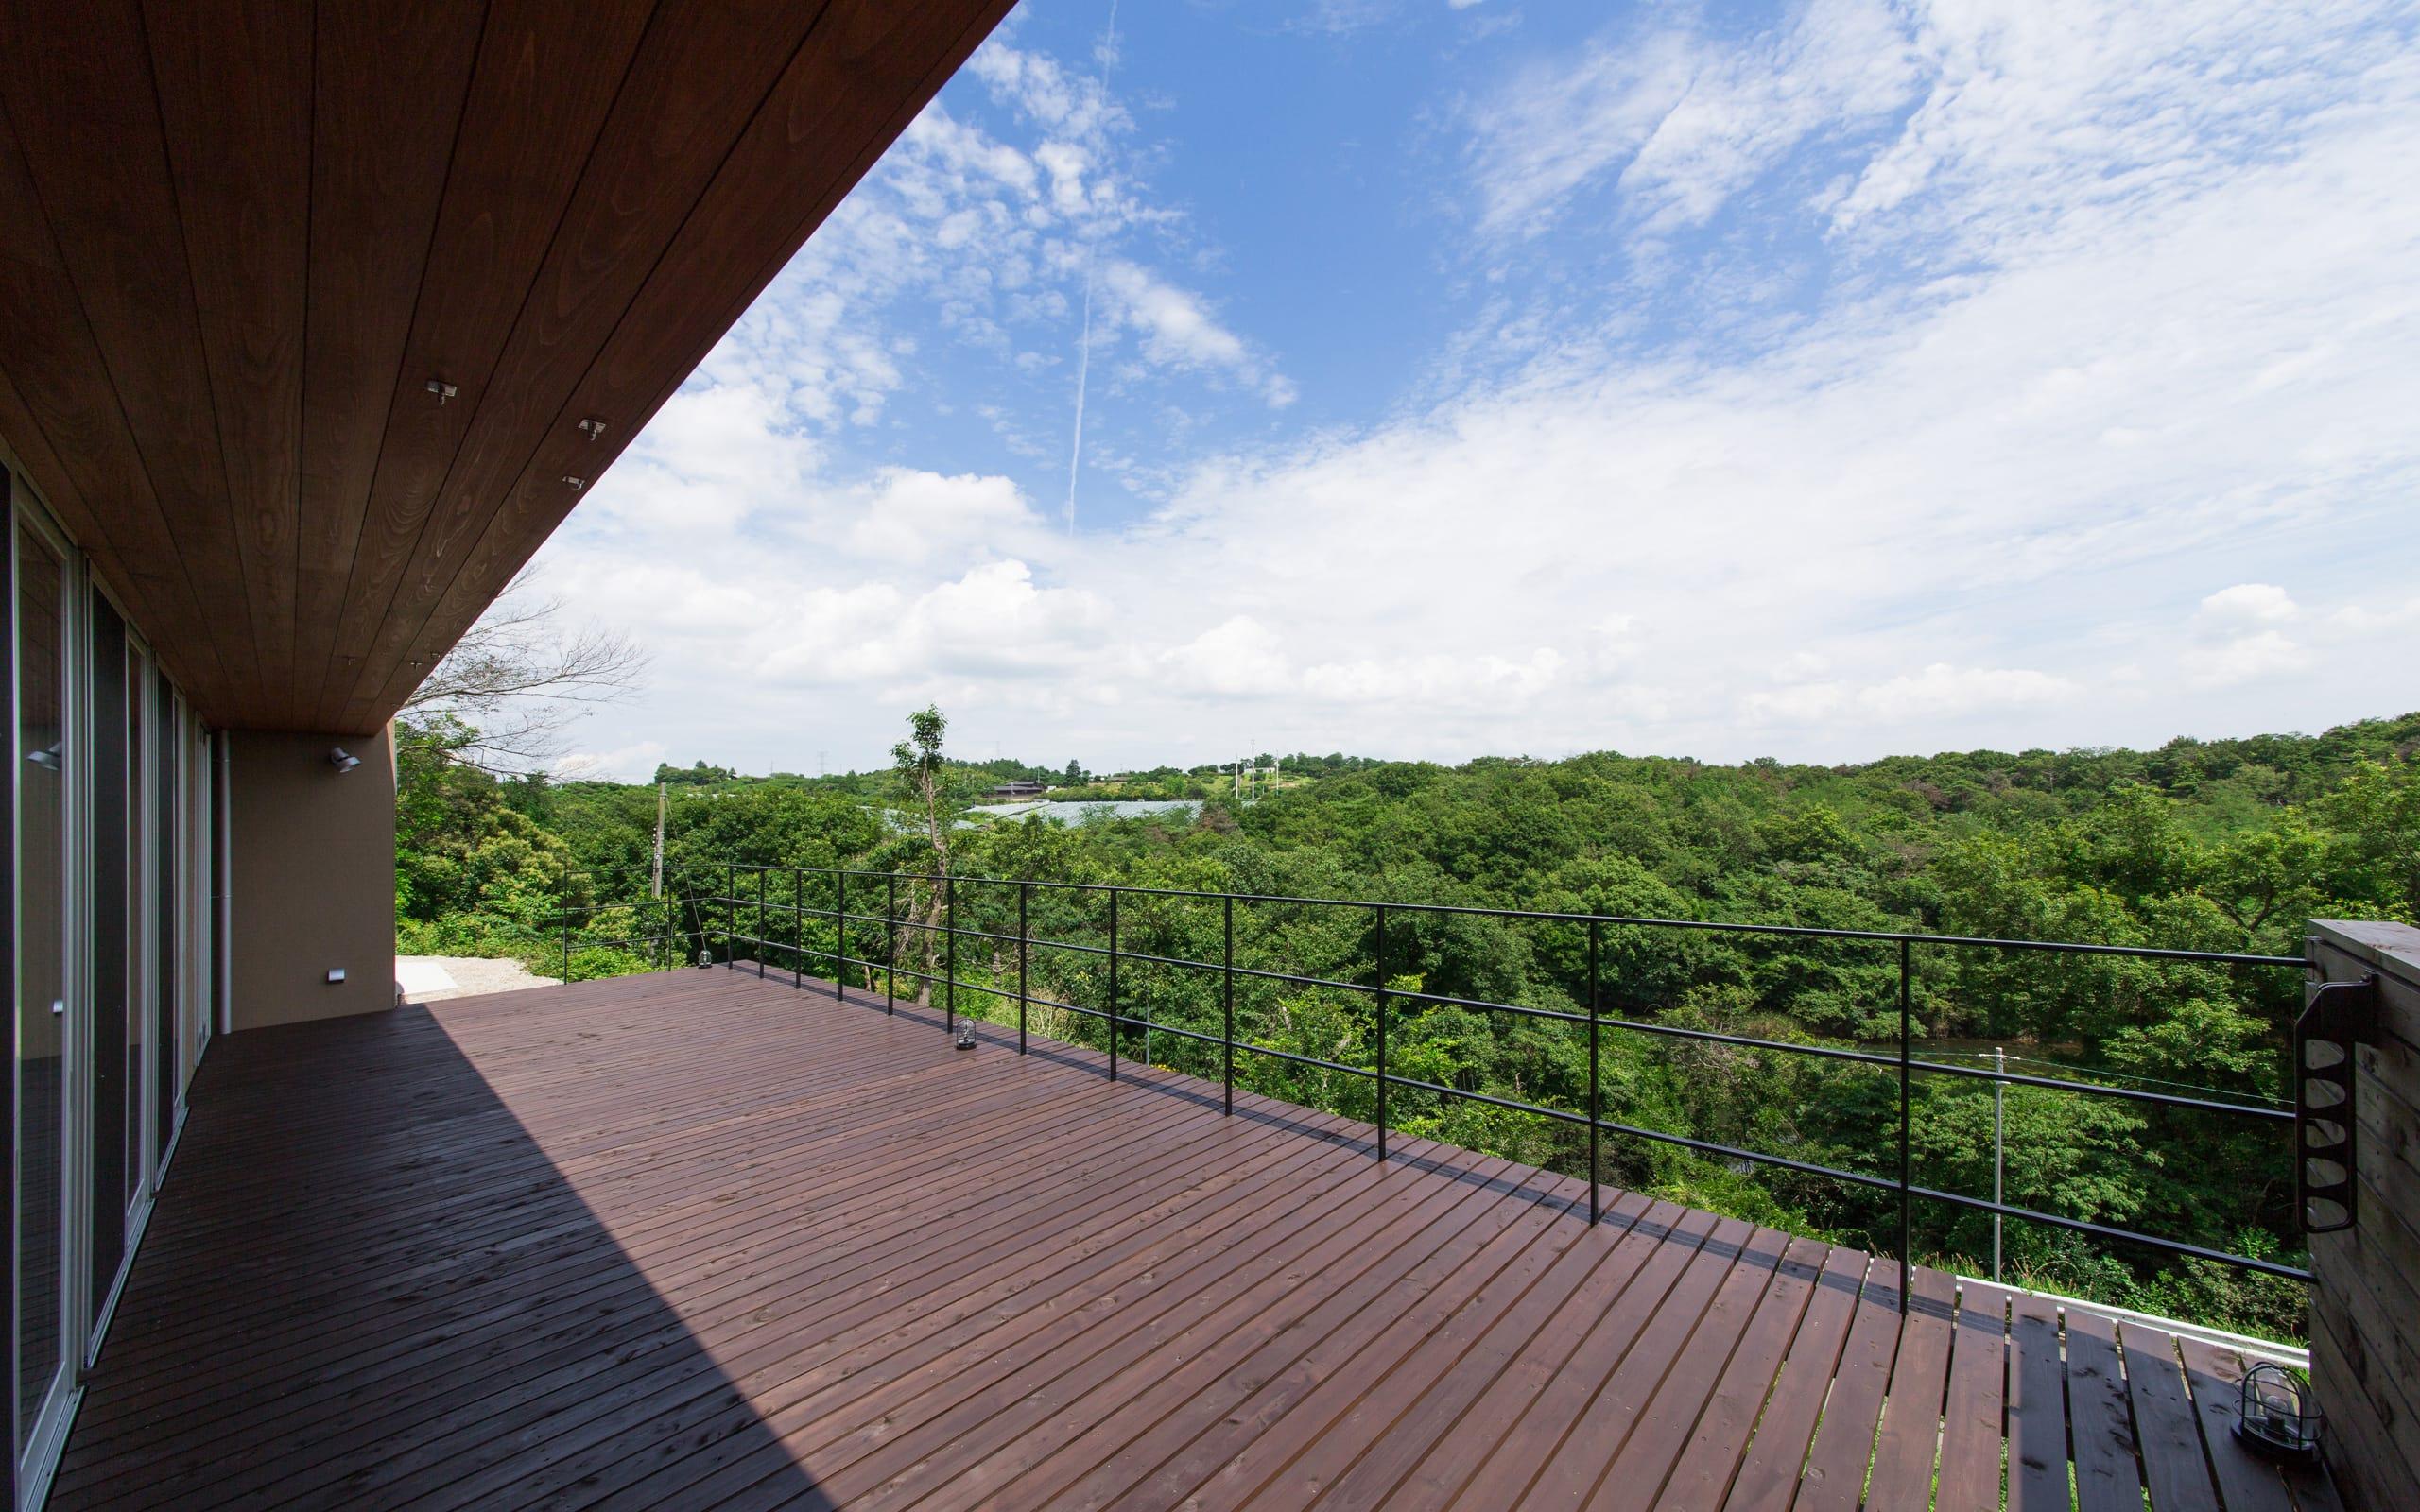 傾斜地に建つアウトドアデッキのある家の外構(デッキテラス)1